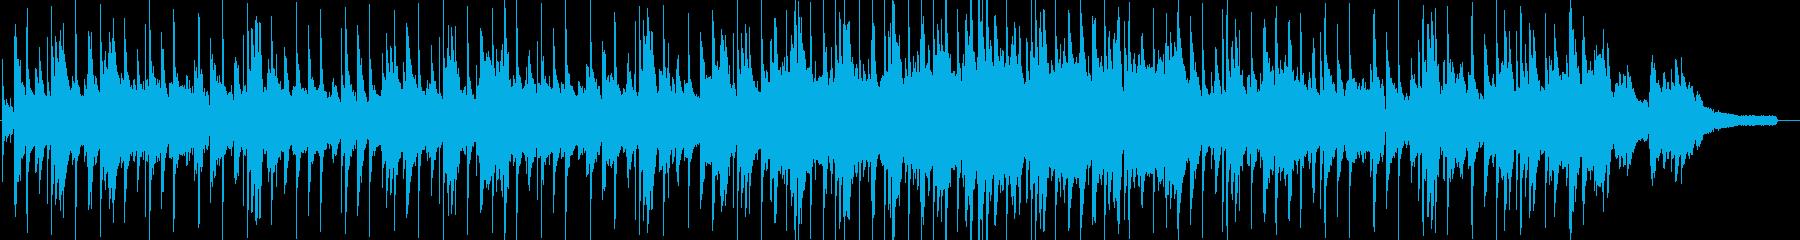 物悲しげなスムースジャズの再生済みの波形